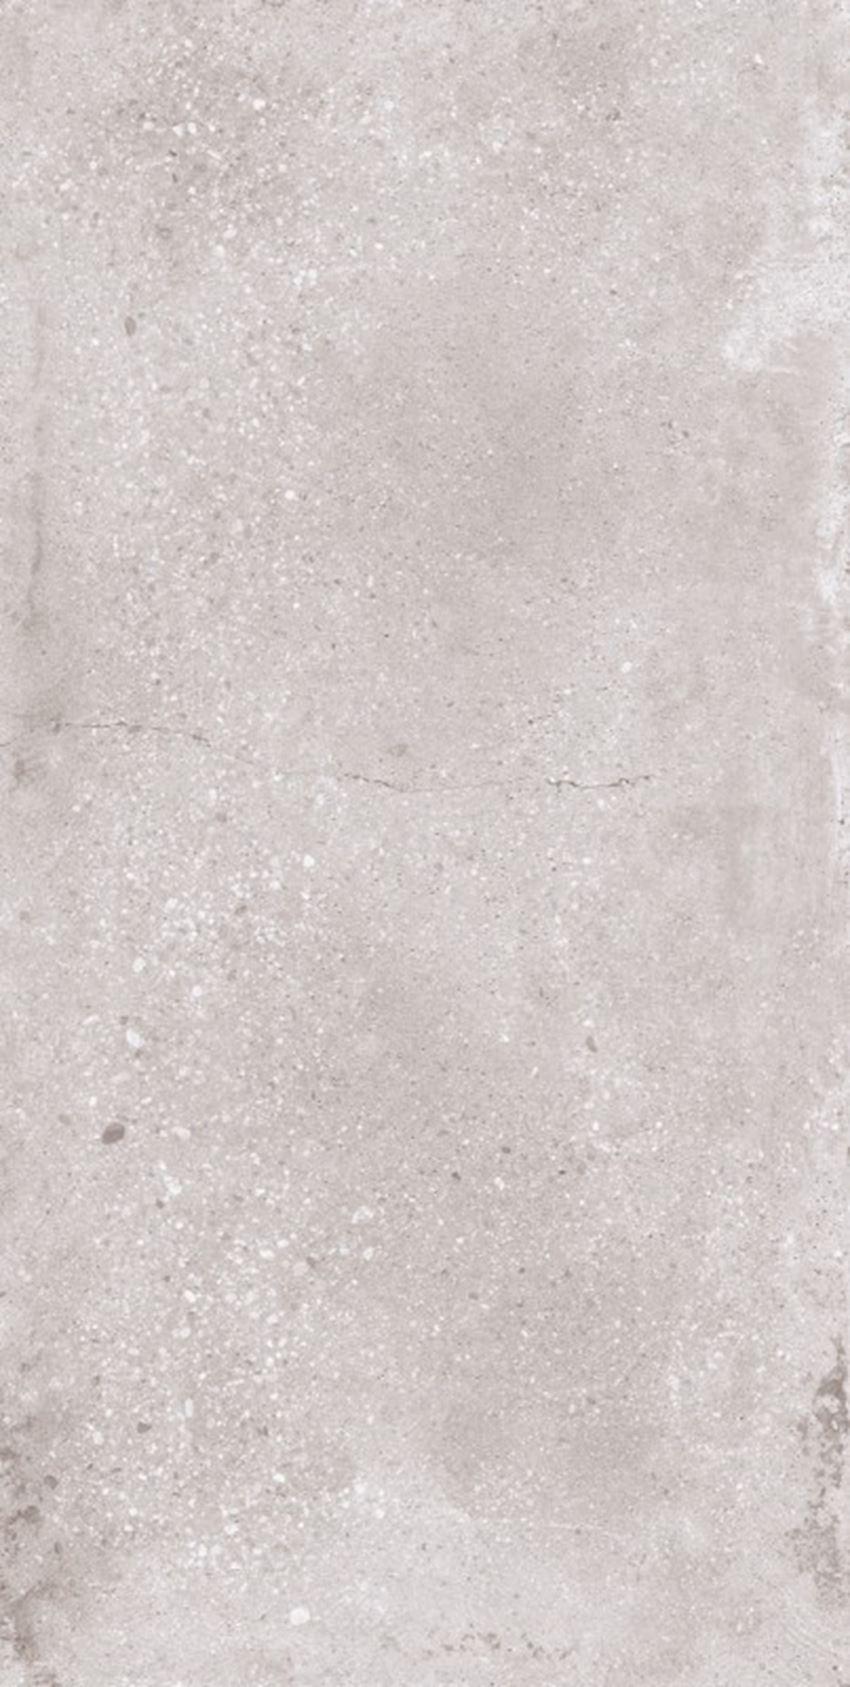 Płytka ścienno-podłogowa natura 59,7x119,7 cm Nowa Gala Geotec 12 R11